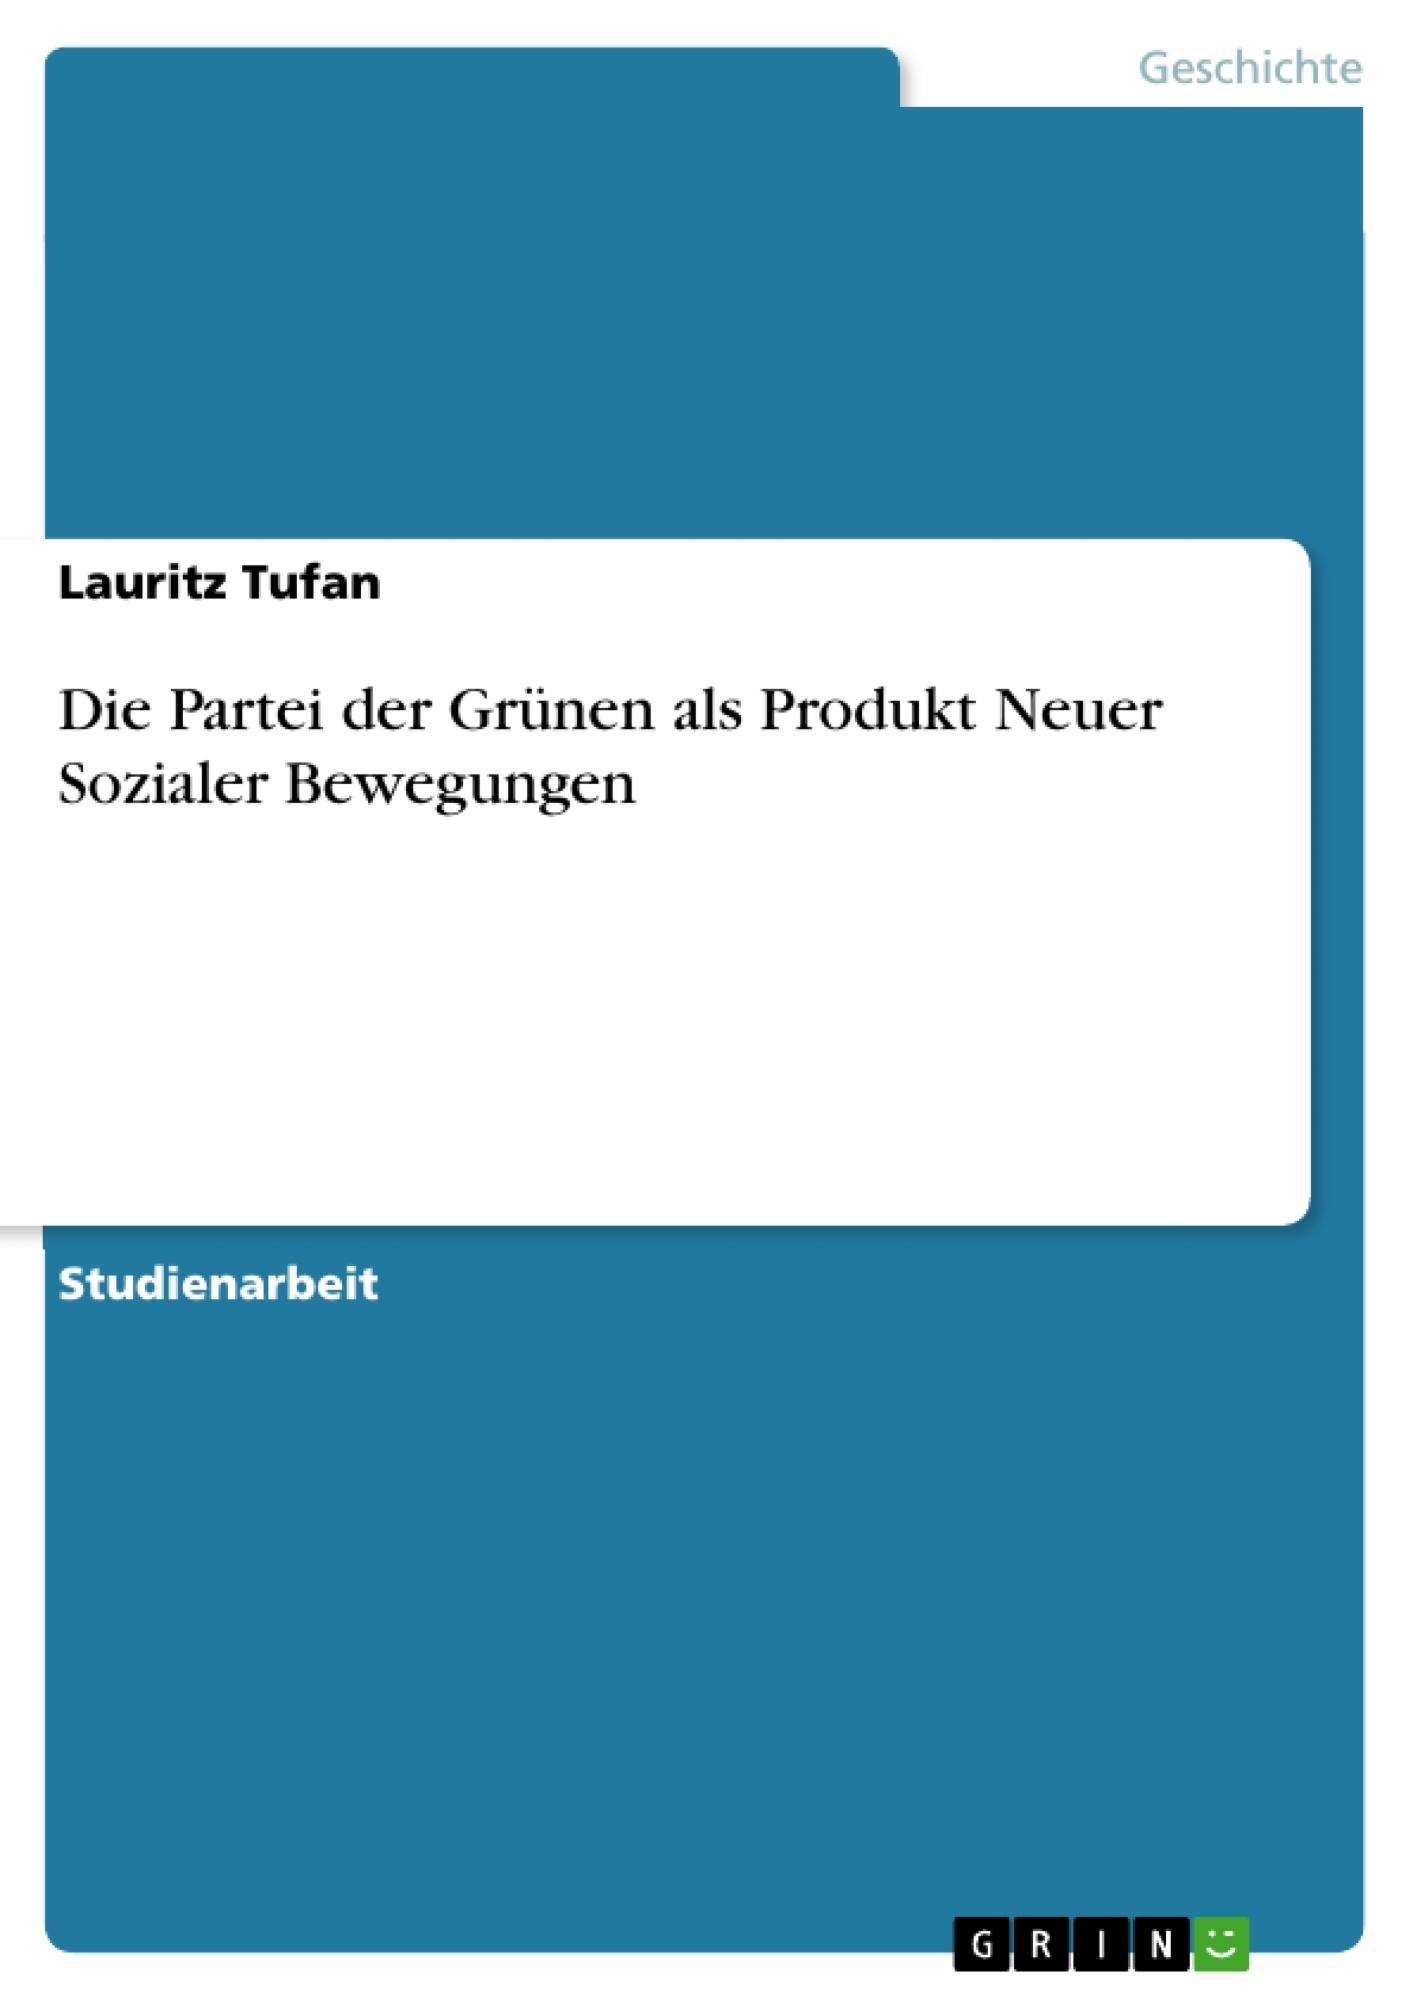 Titel: Die Partei der Grünen als Produkt Neuer Sozialer Bewegungen